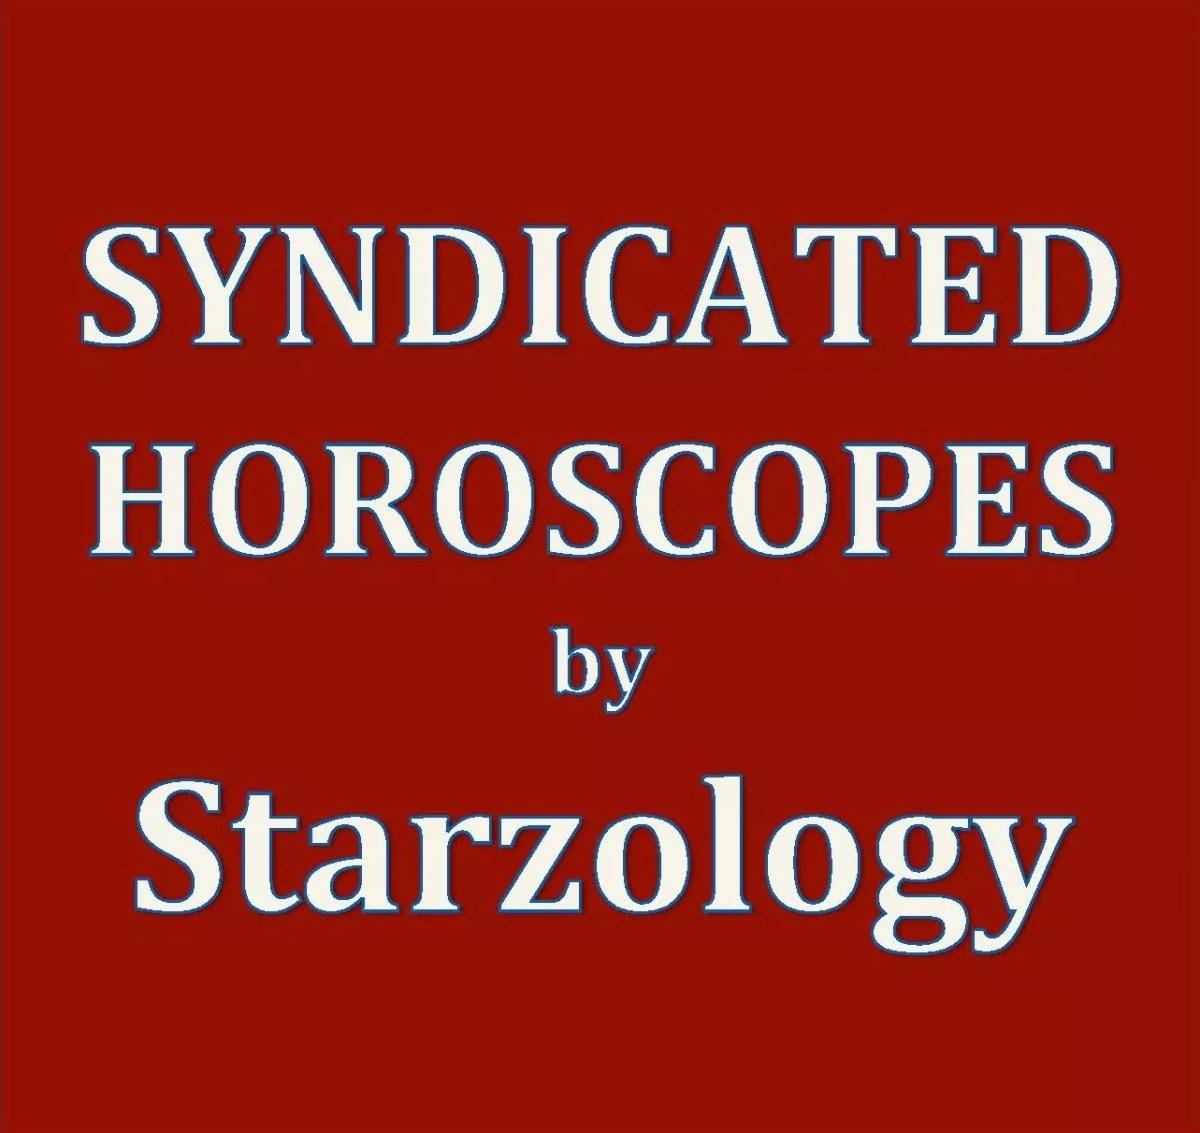 Horoscope Syndication